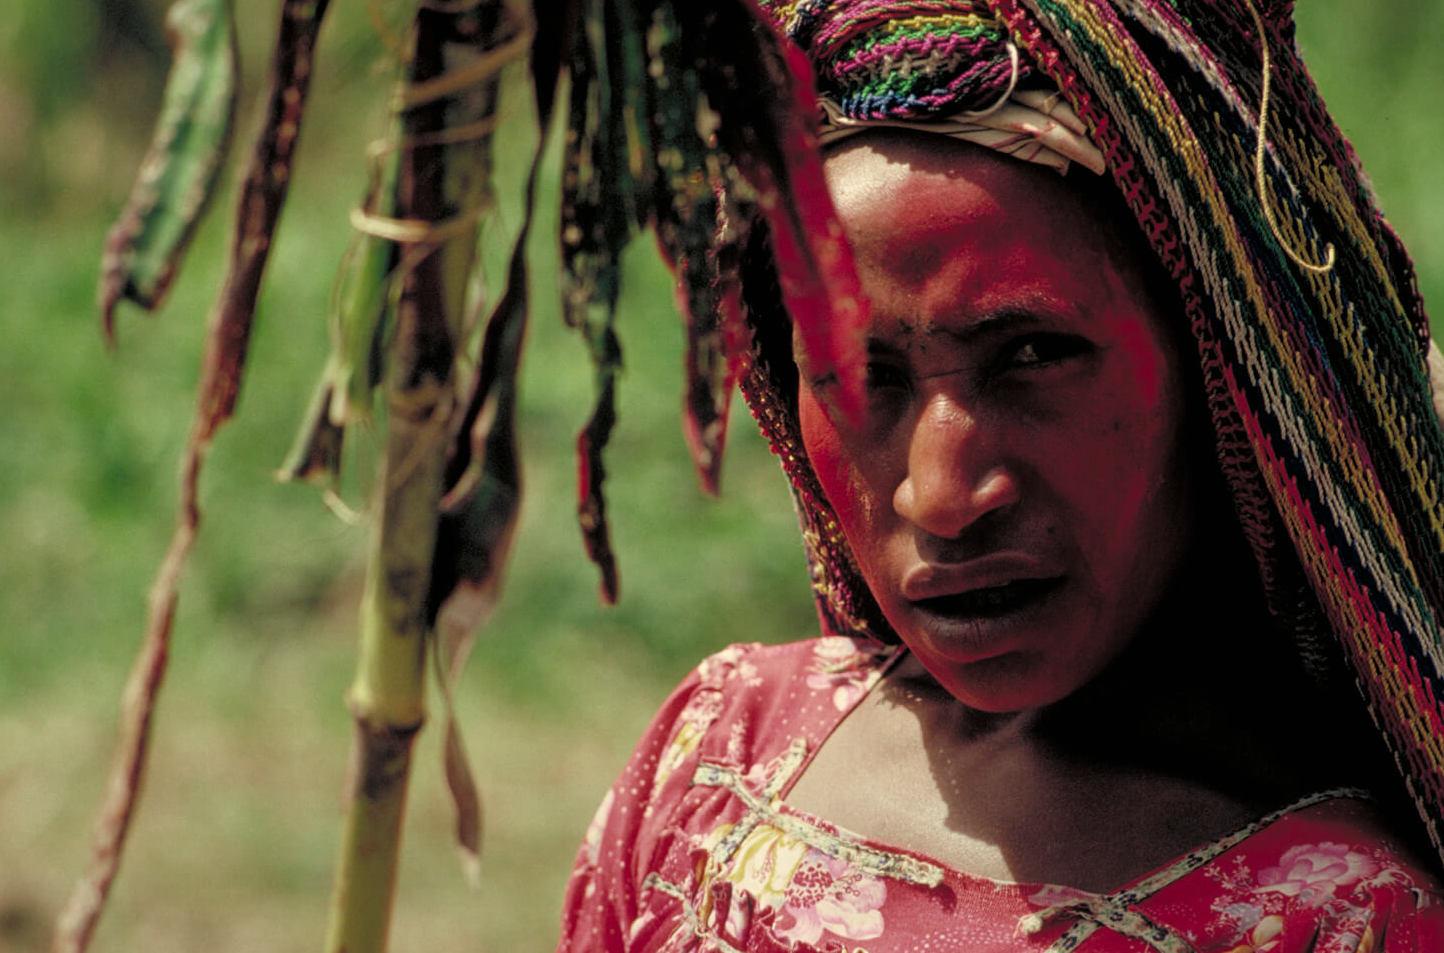 Il est un bon mari – Papuasie Nouvelle Guinée